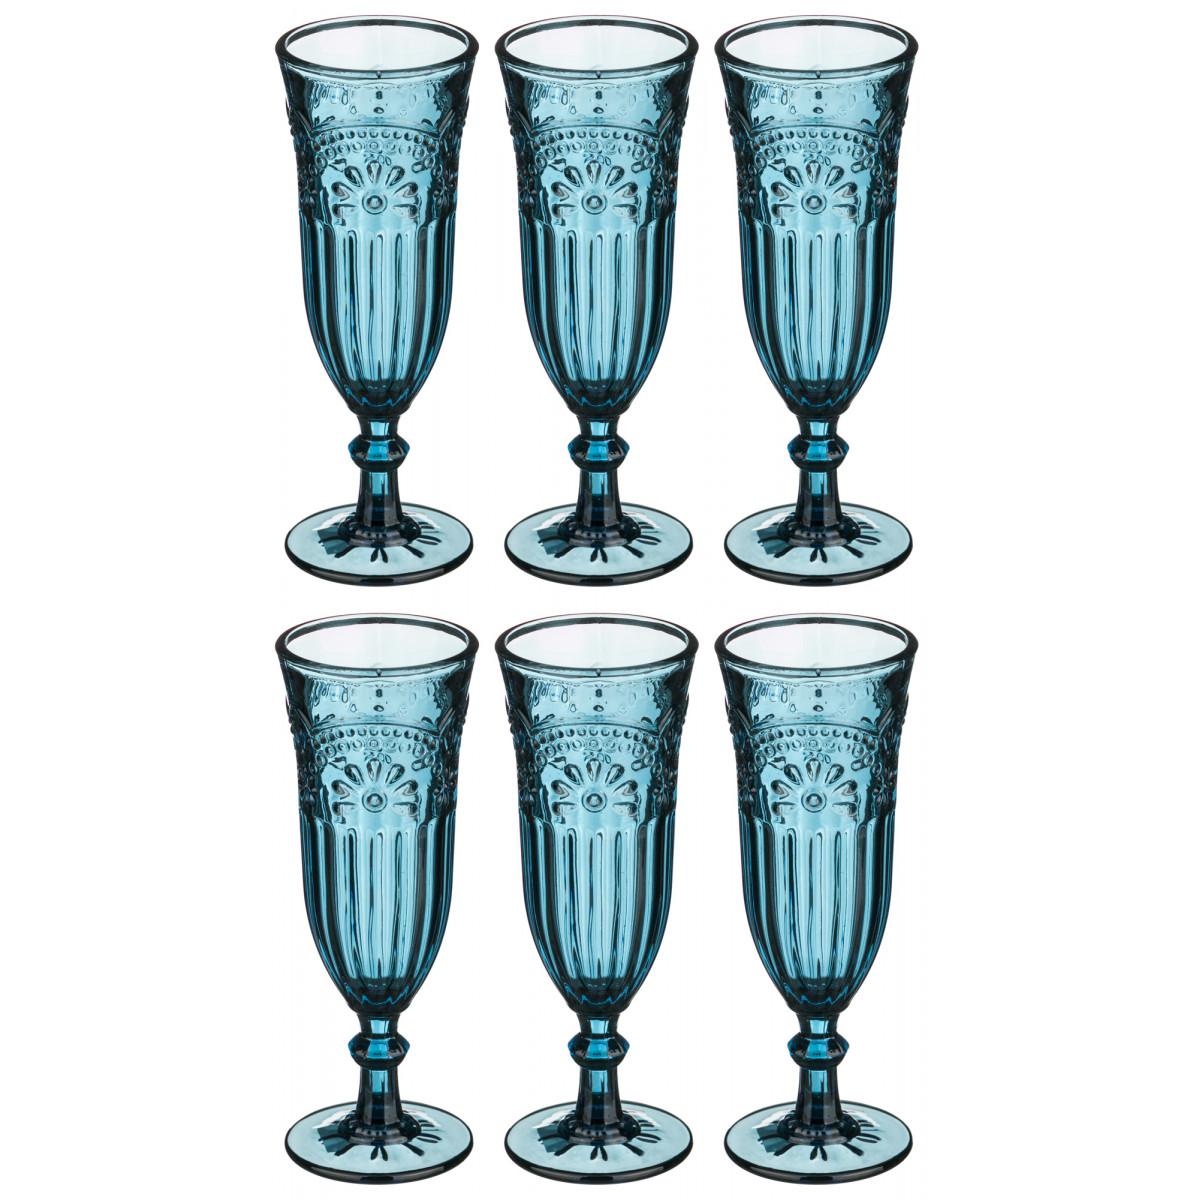 {} MUZA Набор бокалов для шампанского Kaelea  (19 см - 6 шт) набор бокалов crystalex джина б декора 6шт 210мл шампанское стекло